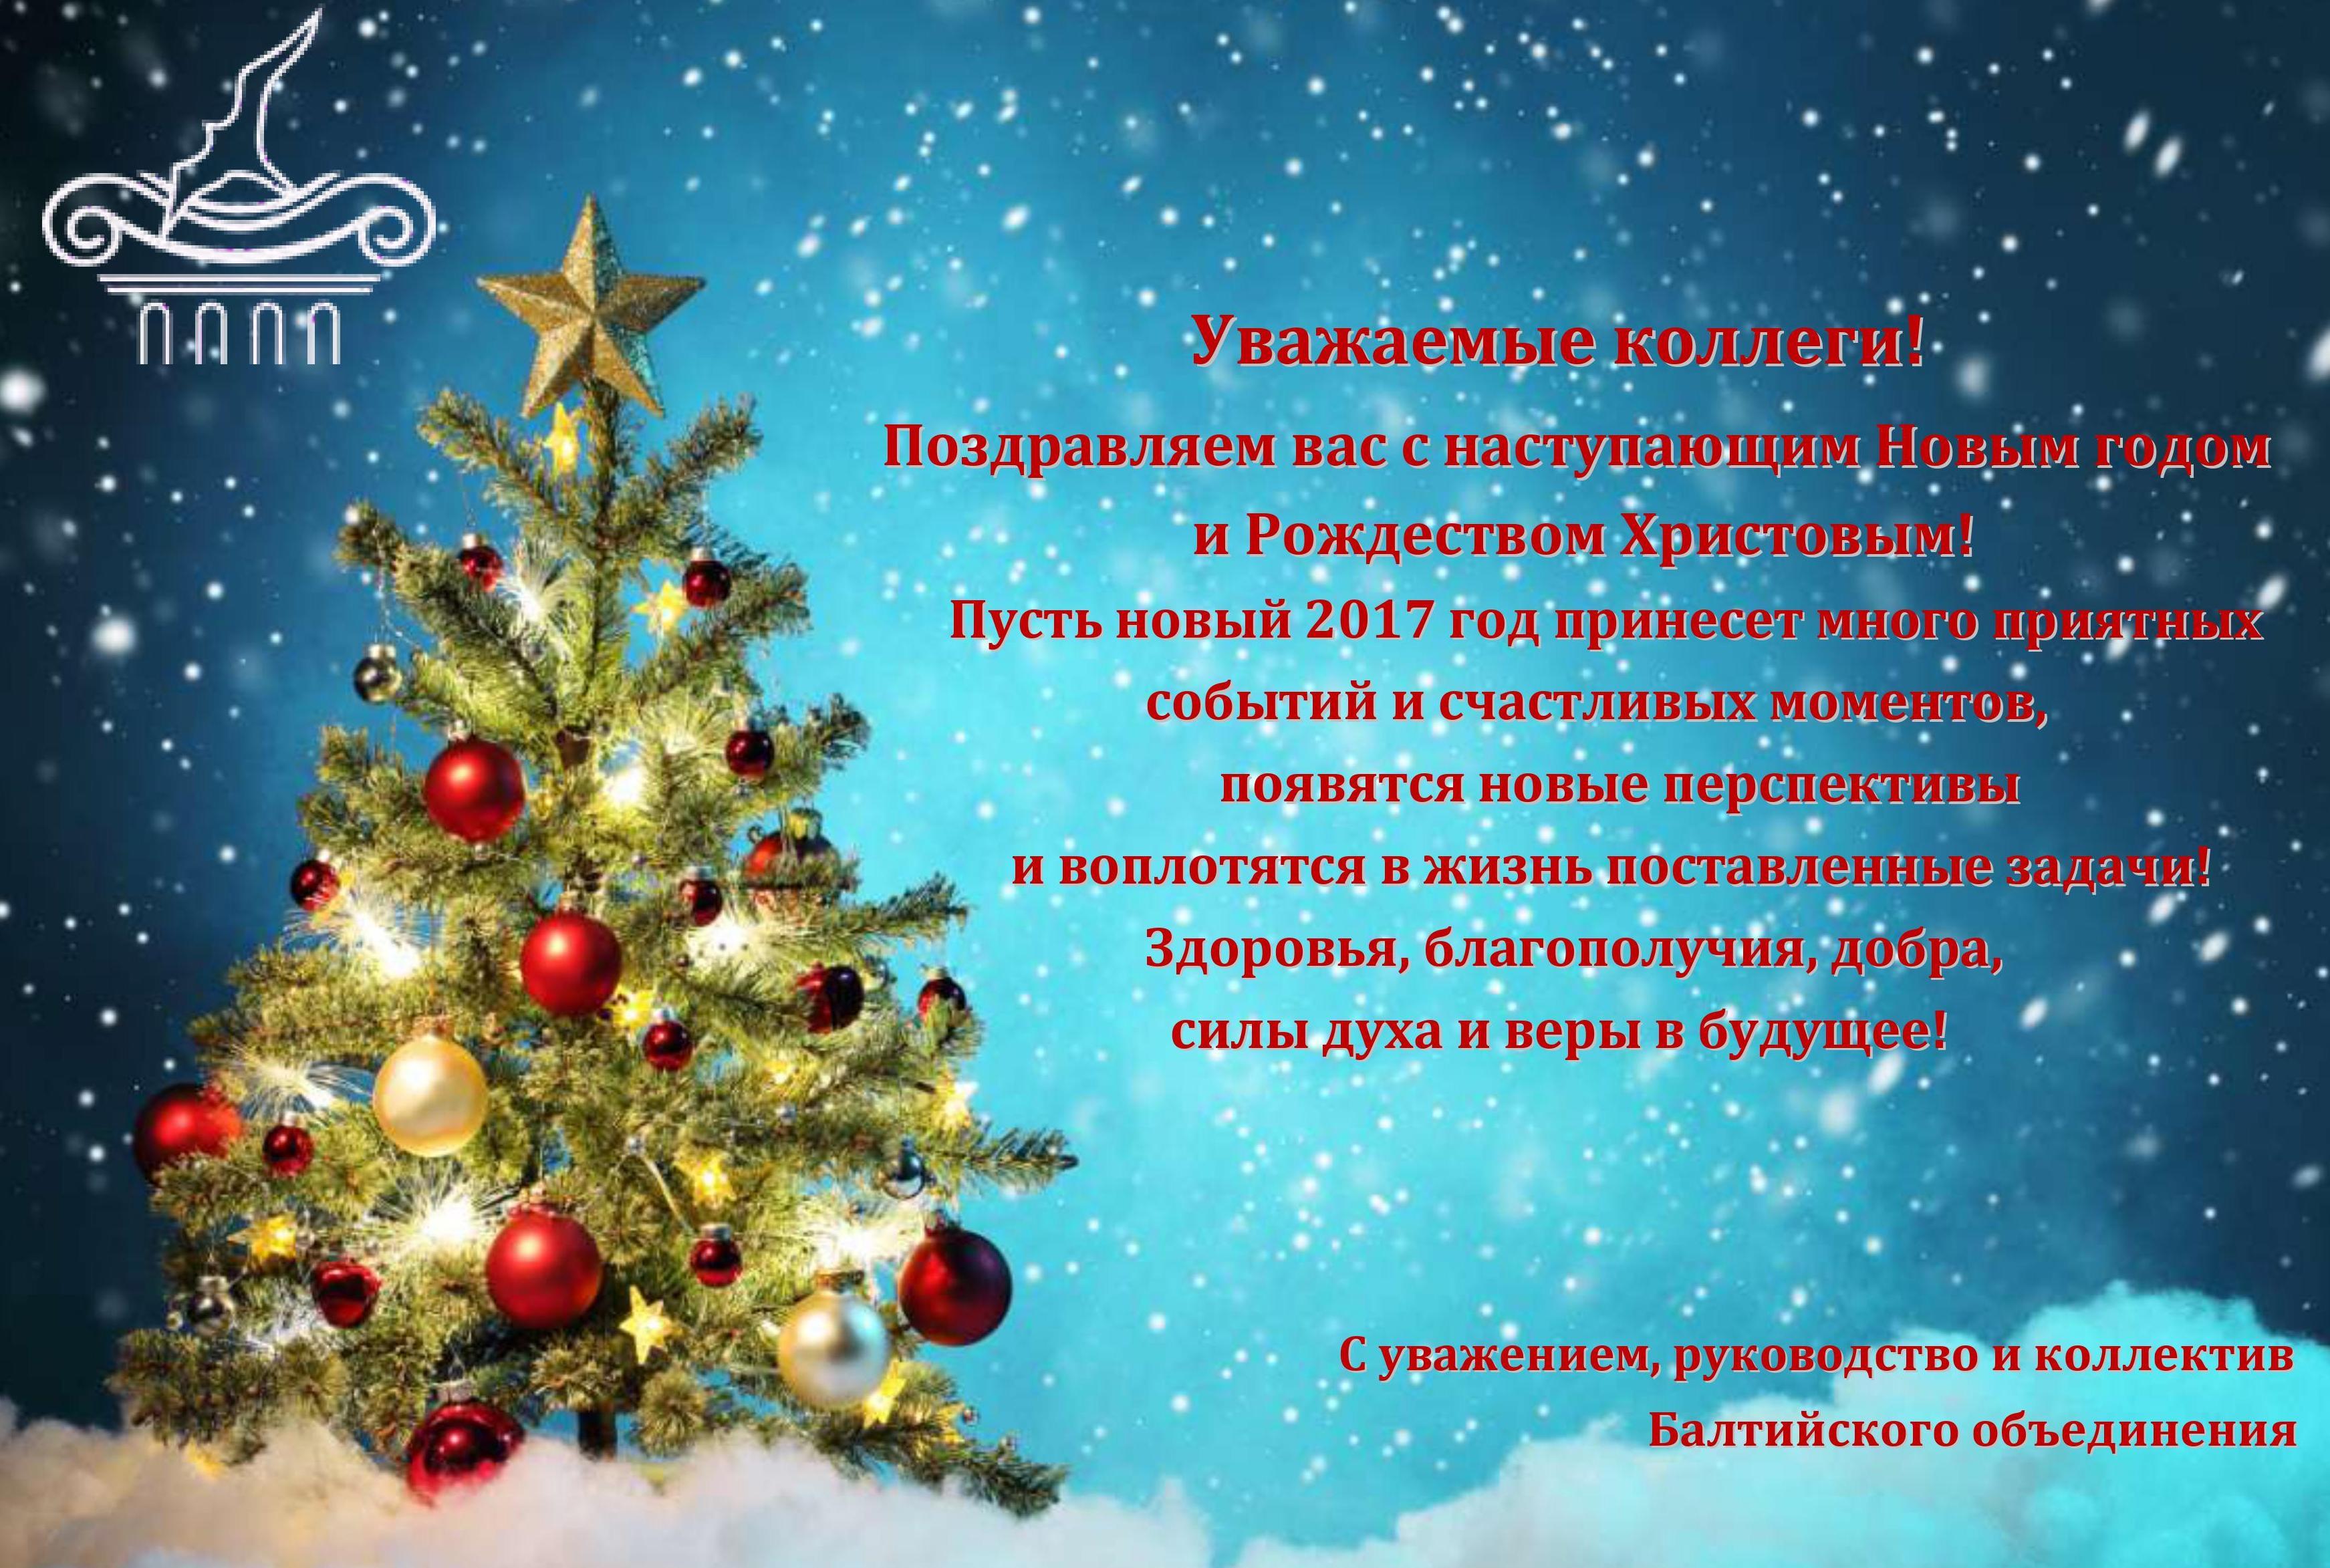 Пожелания, новогодние открытки и поздравления с 2019 годом и рождеством